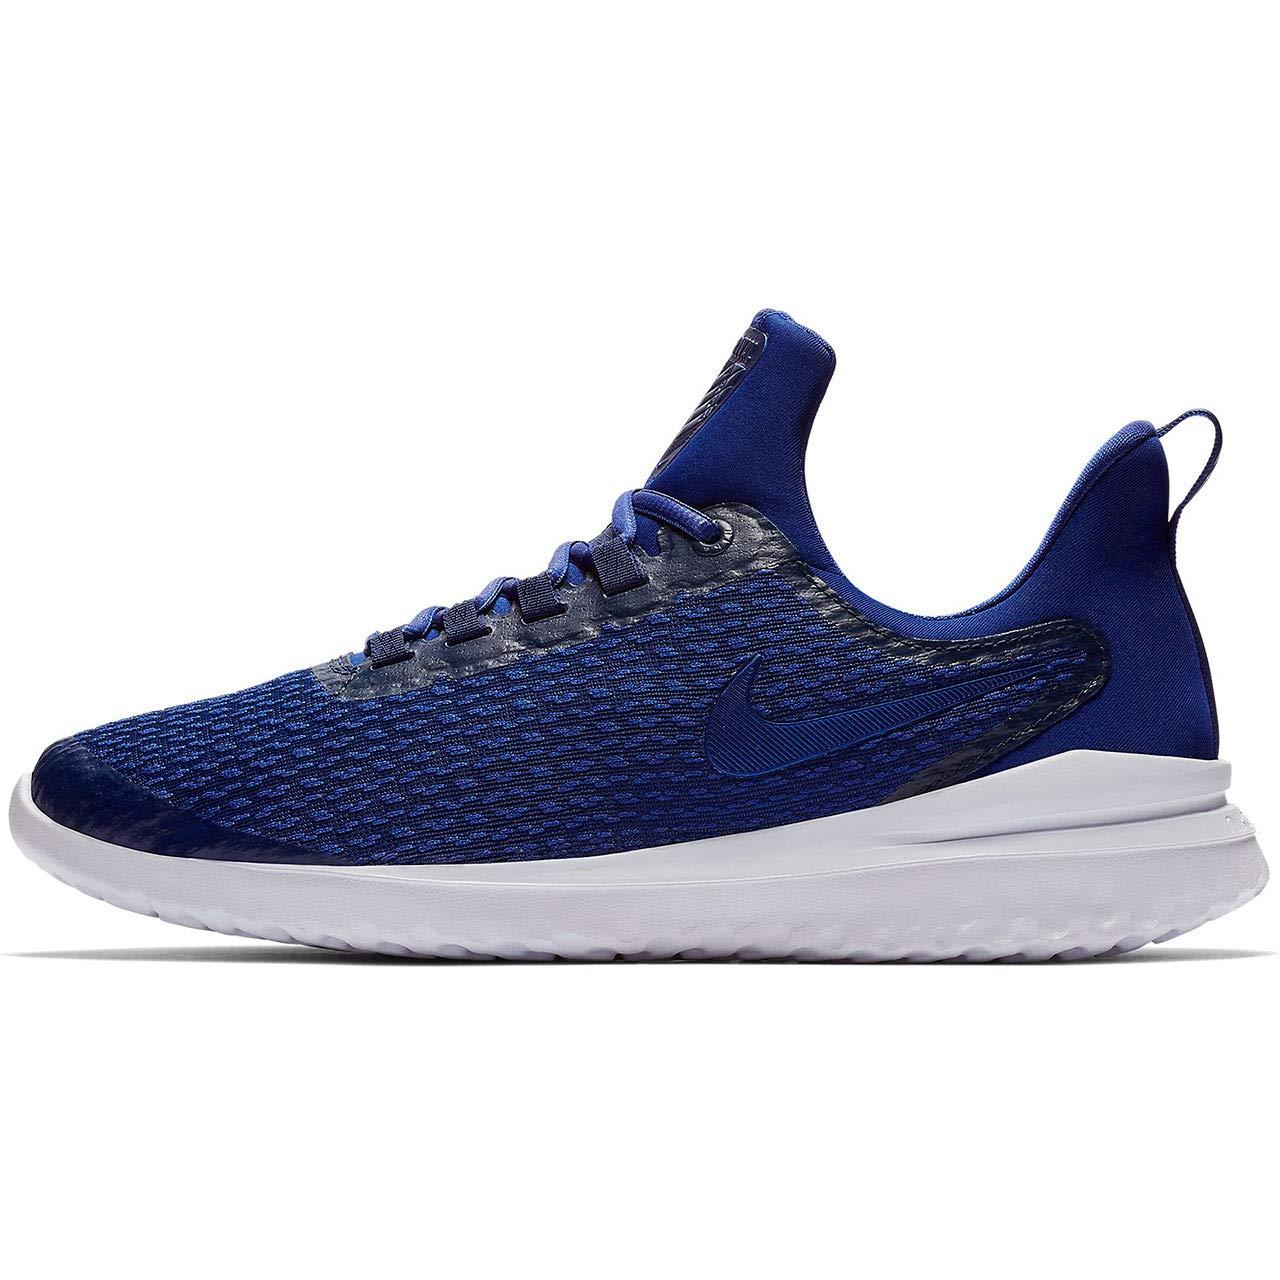 5726a4edf4dc5 Amazon.com | Nike Renew Rival Men's Running Shoe❗️Ships directly ...